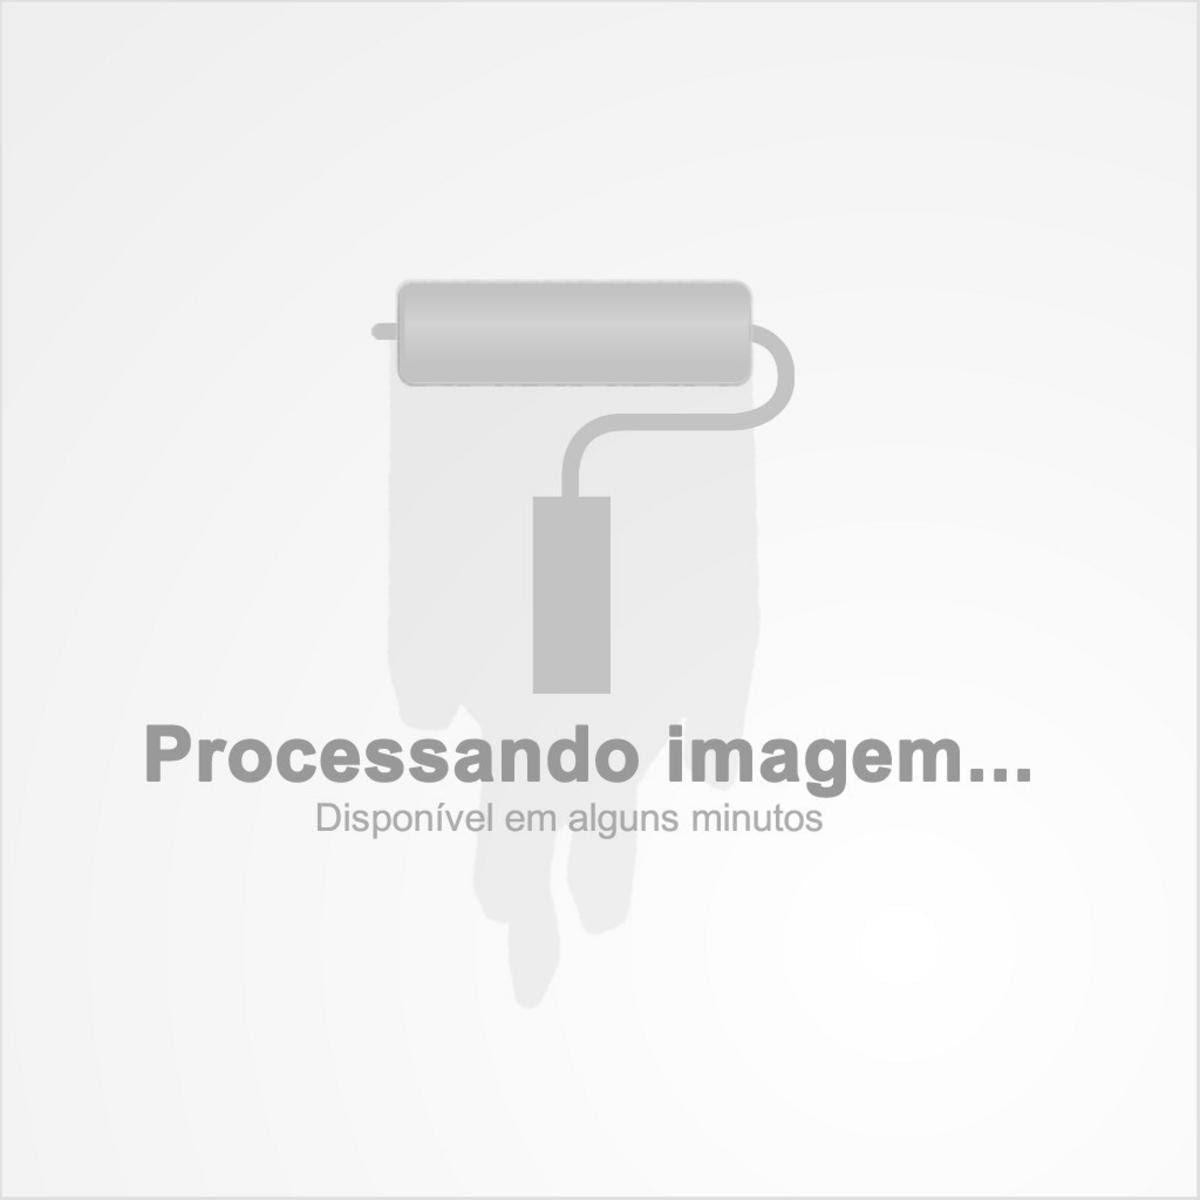 Resistencia Caixa Evaporadora - Gol/parati/saveiro 99